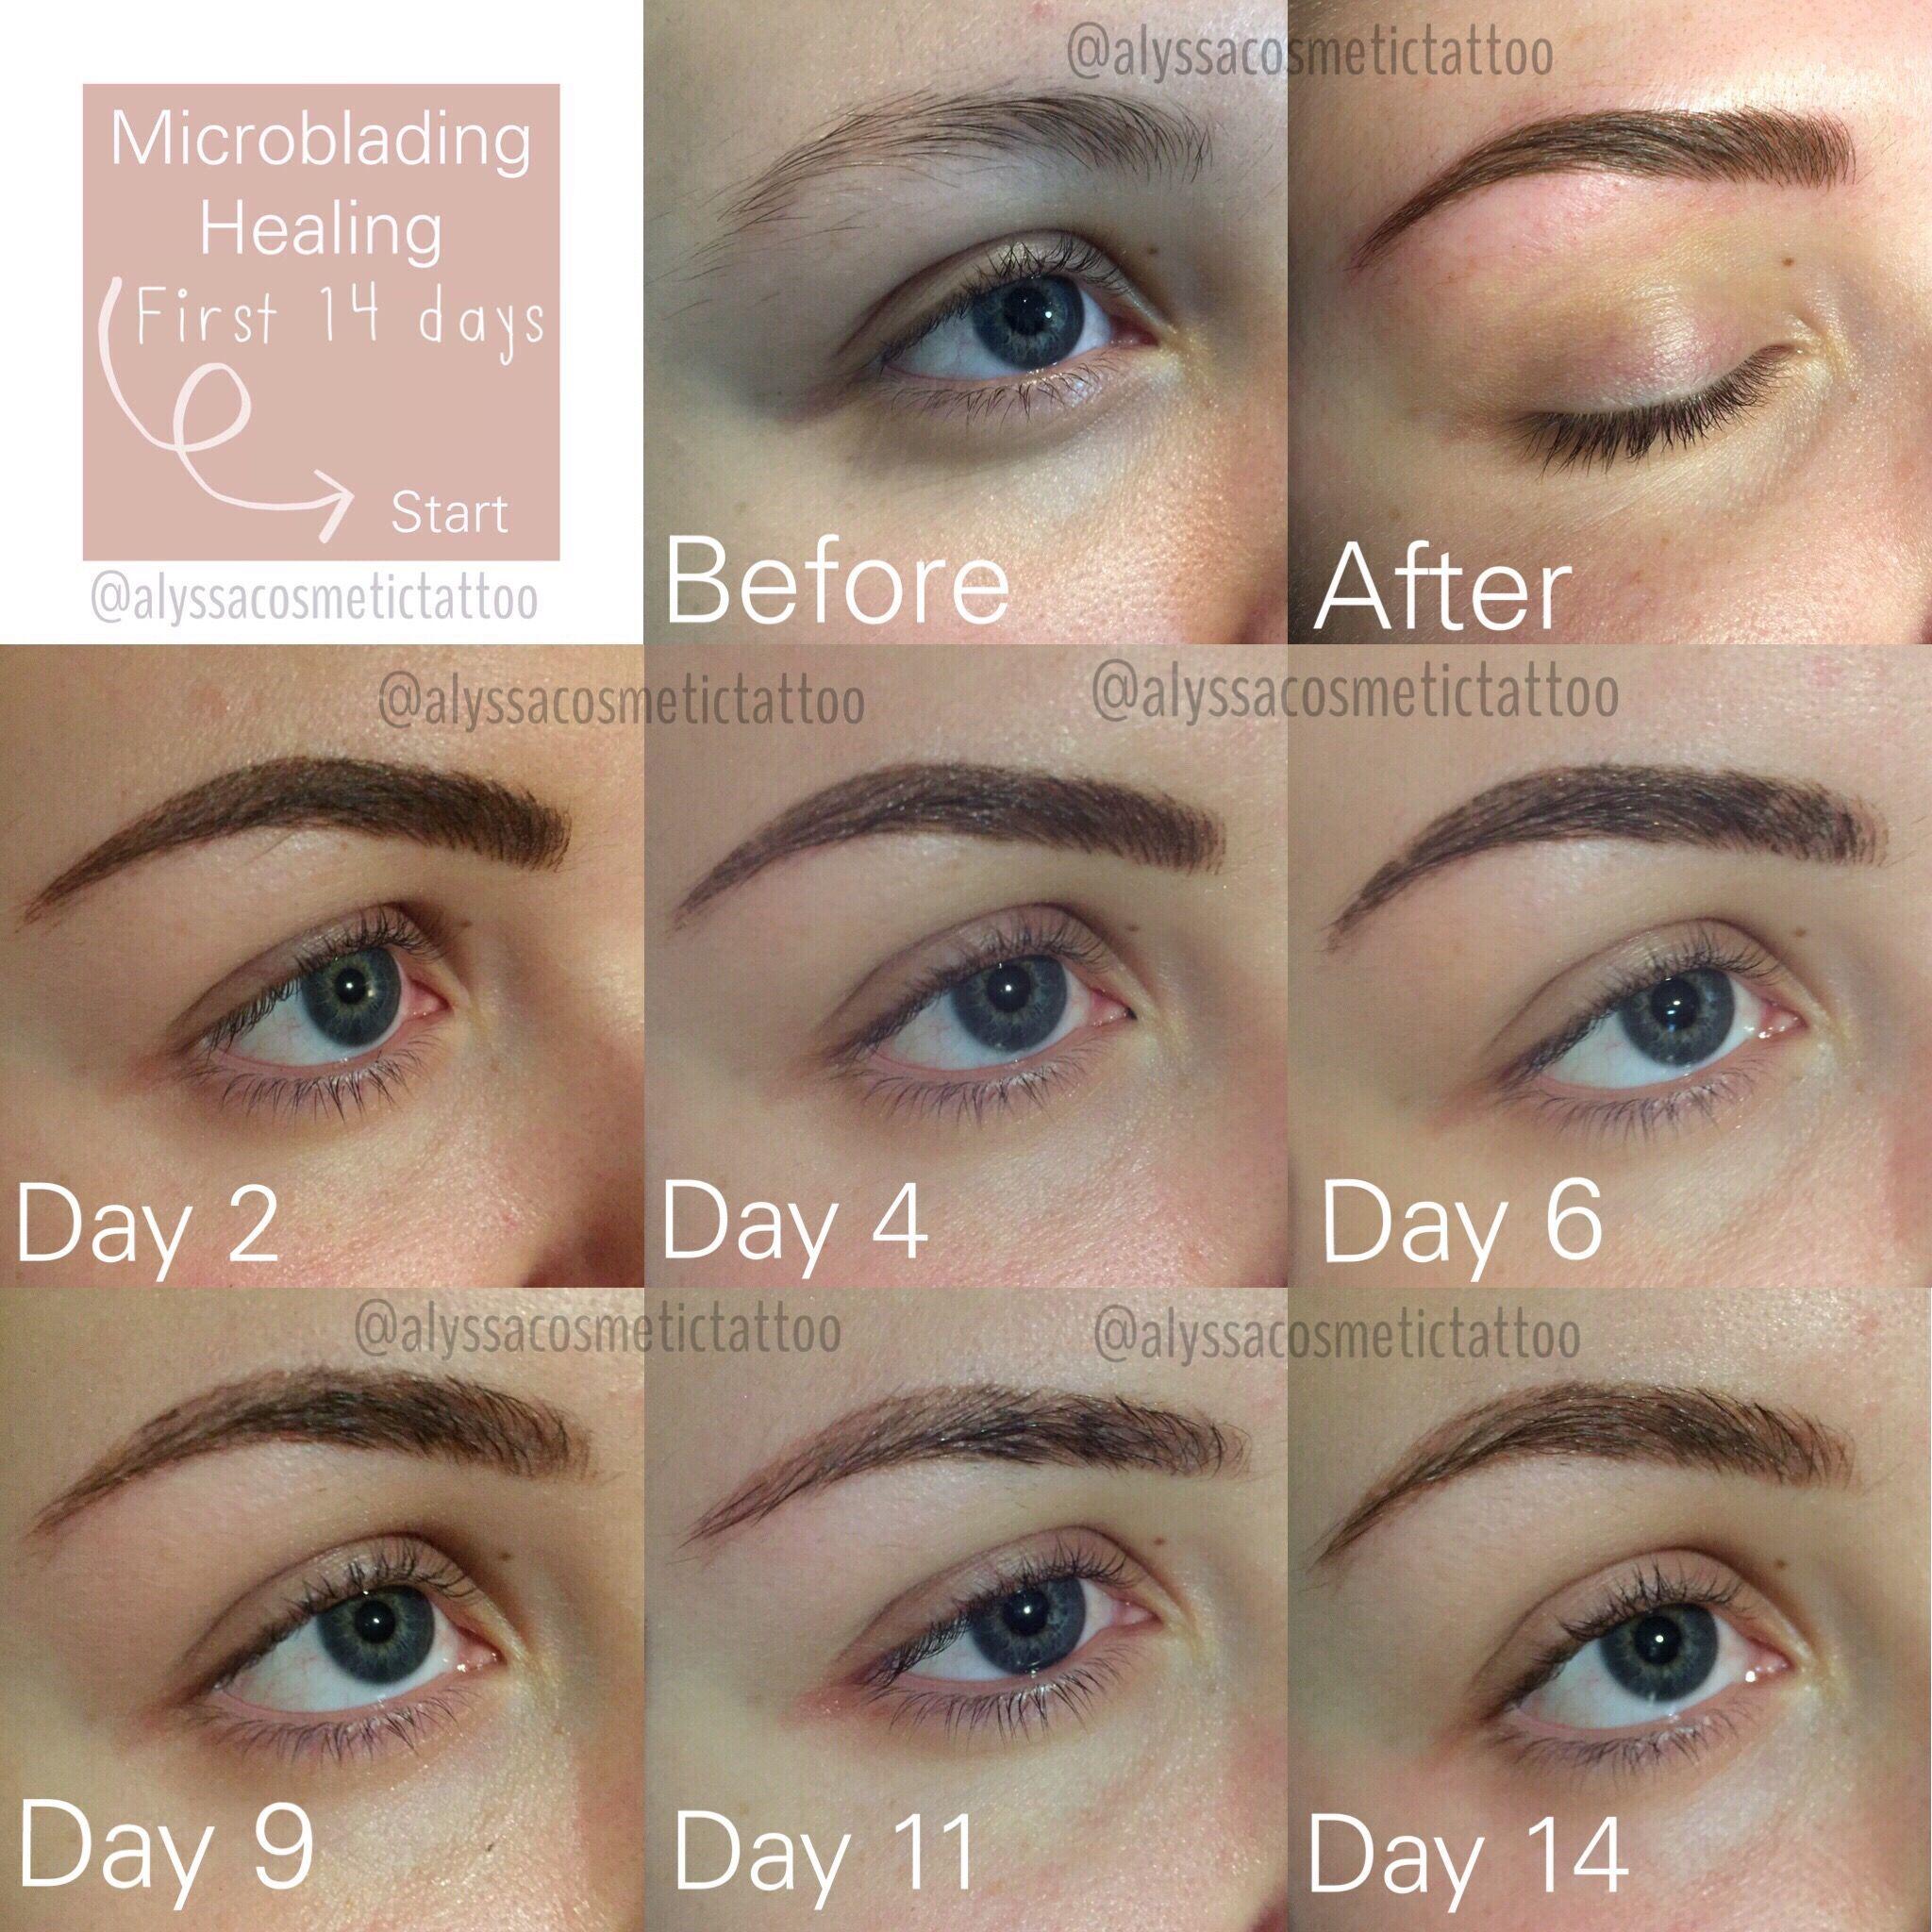 Risultati Prima Dopo e Dopo 2 settimane Microblading